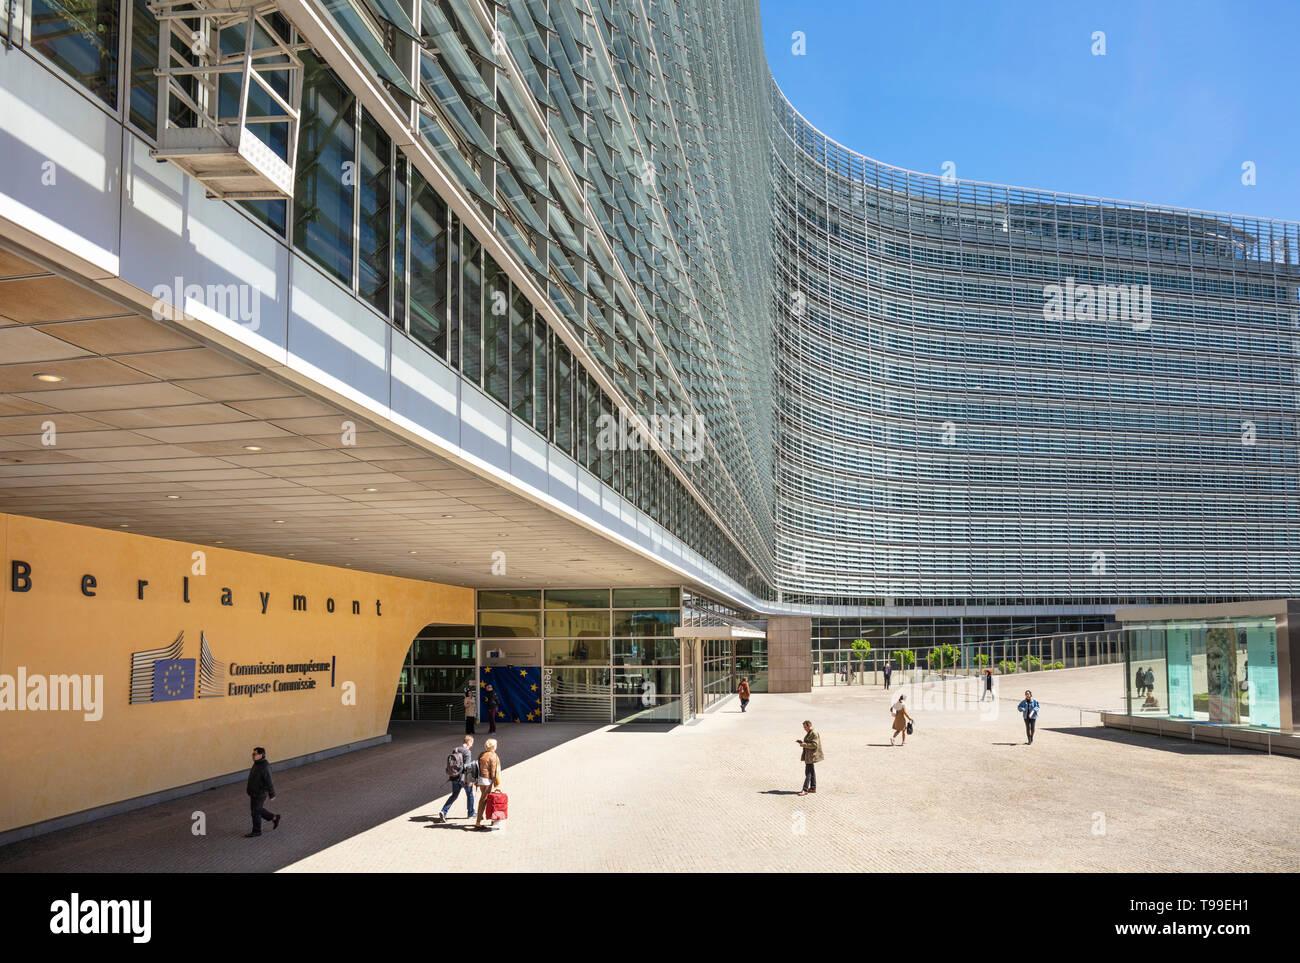 Sede centrale della Commissione europea UE costruzione edificio della Commissione Commissione europea edificio Berlaymont, a Bruxelles, Belgio, Unione Europea, Europa Immagini Stock